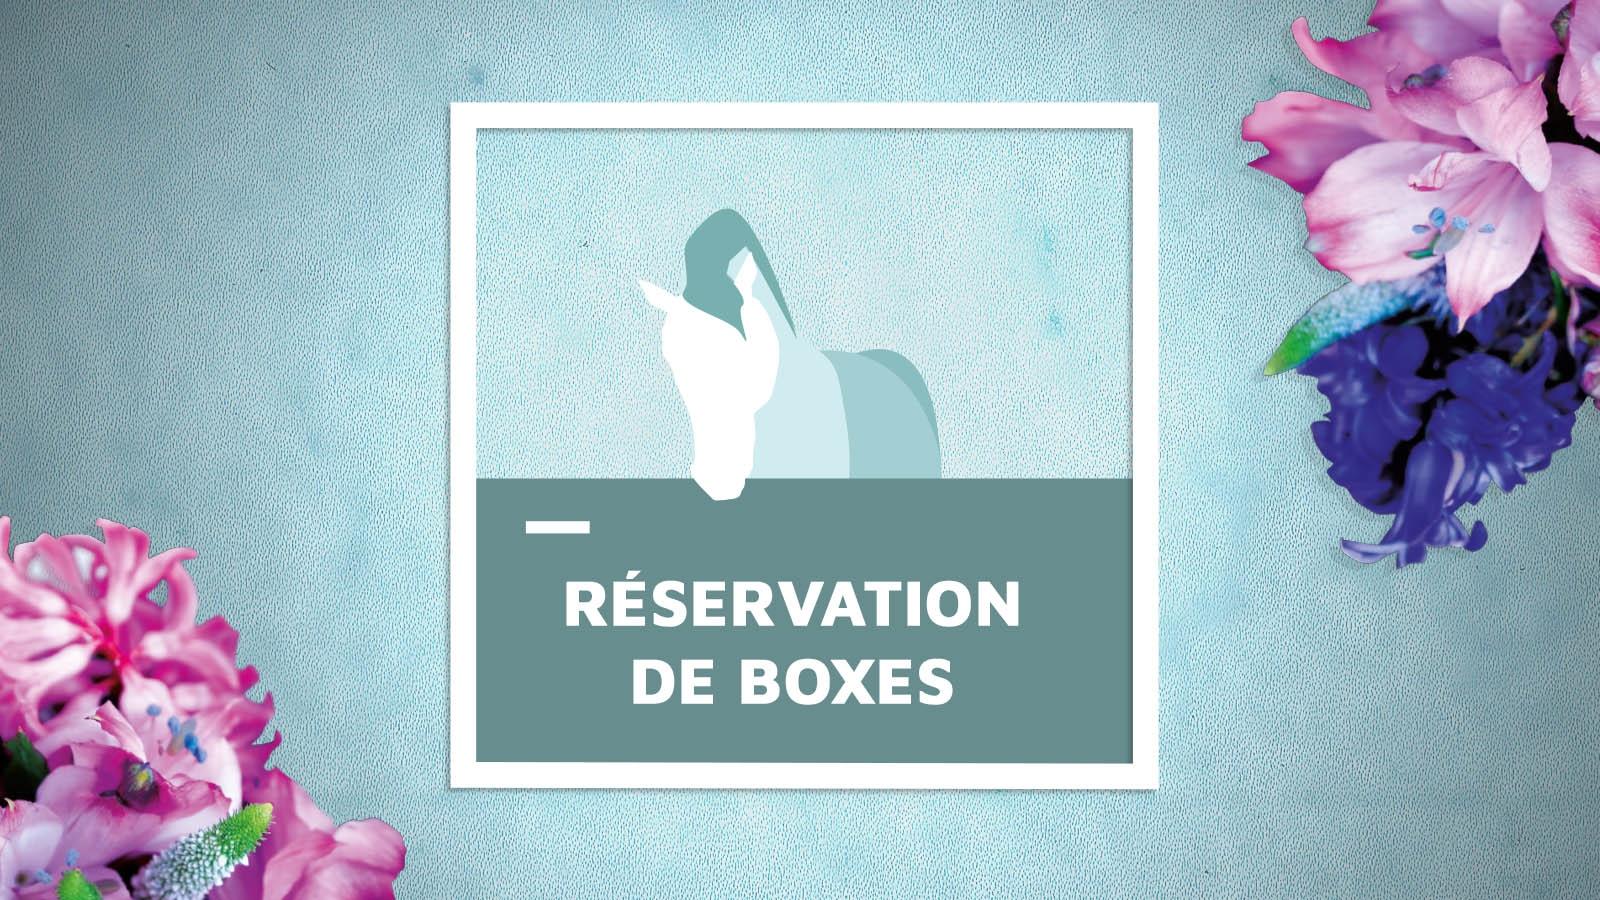 Fontainebleau 2018 : Réservation de boxes